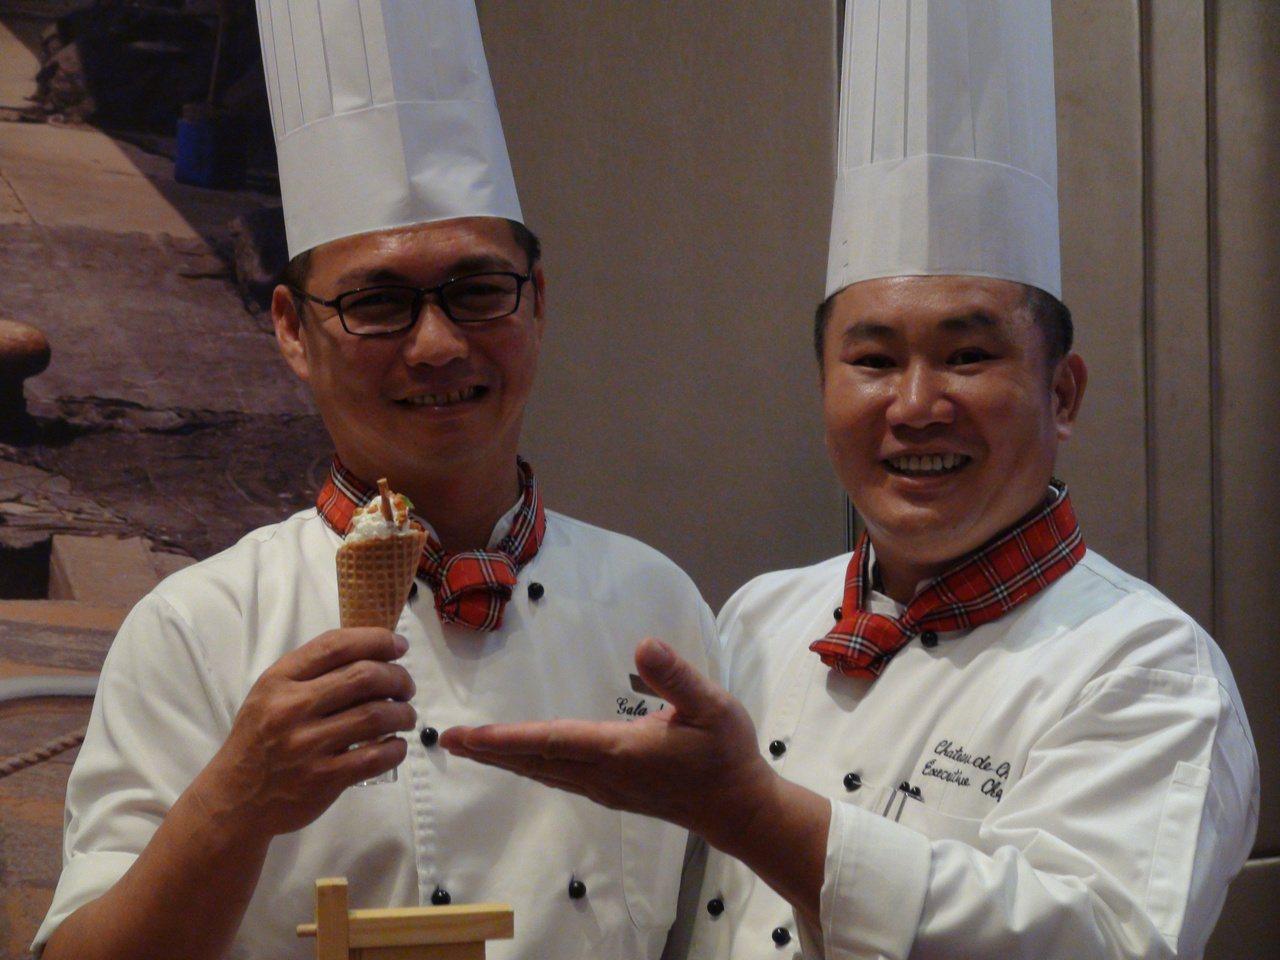 秋食海味正對時 高雄翰品酒店推海味料理冠軍菜